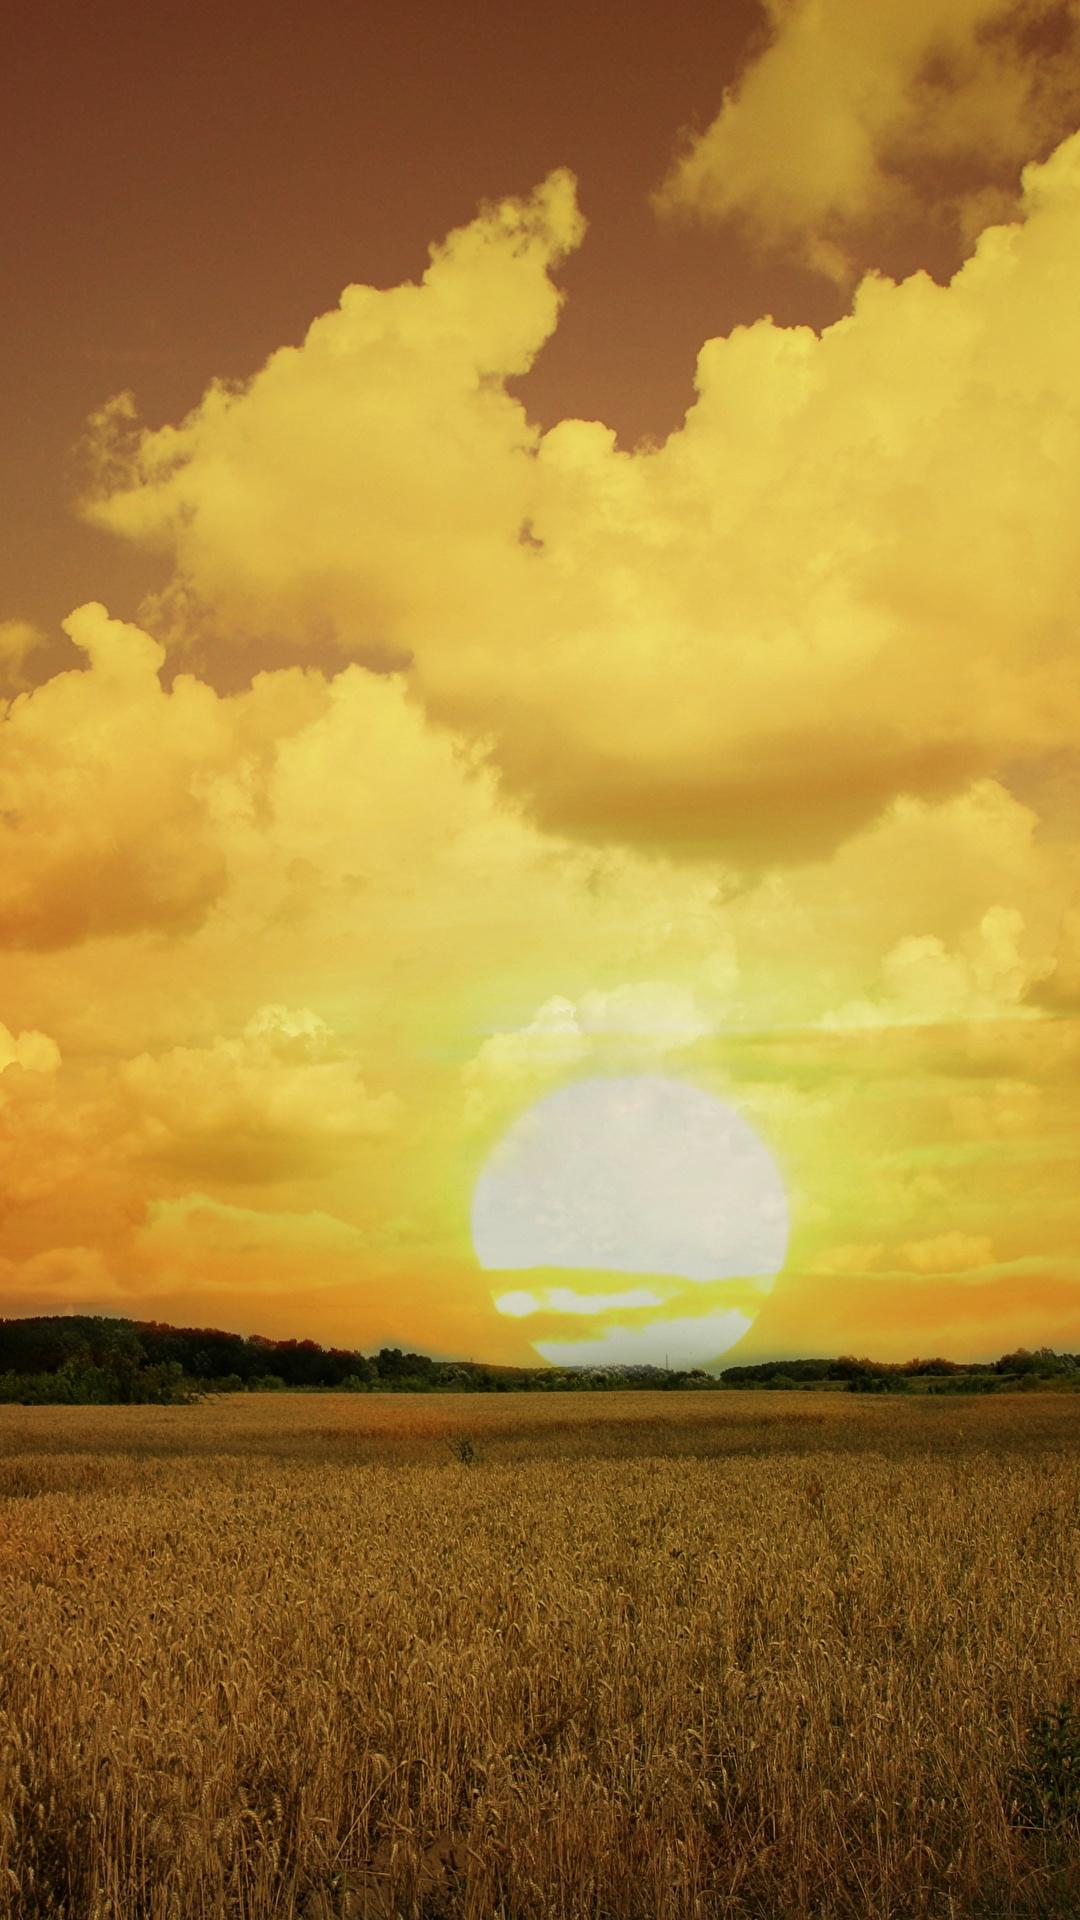 Bilder Natur Sonne Acker Himmel Sonnenaufgänge und Sonnenuntergänge Wolke 1080x1920 Felder